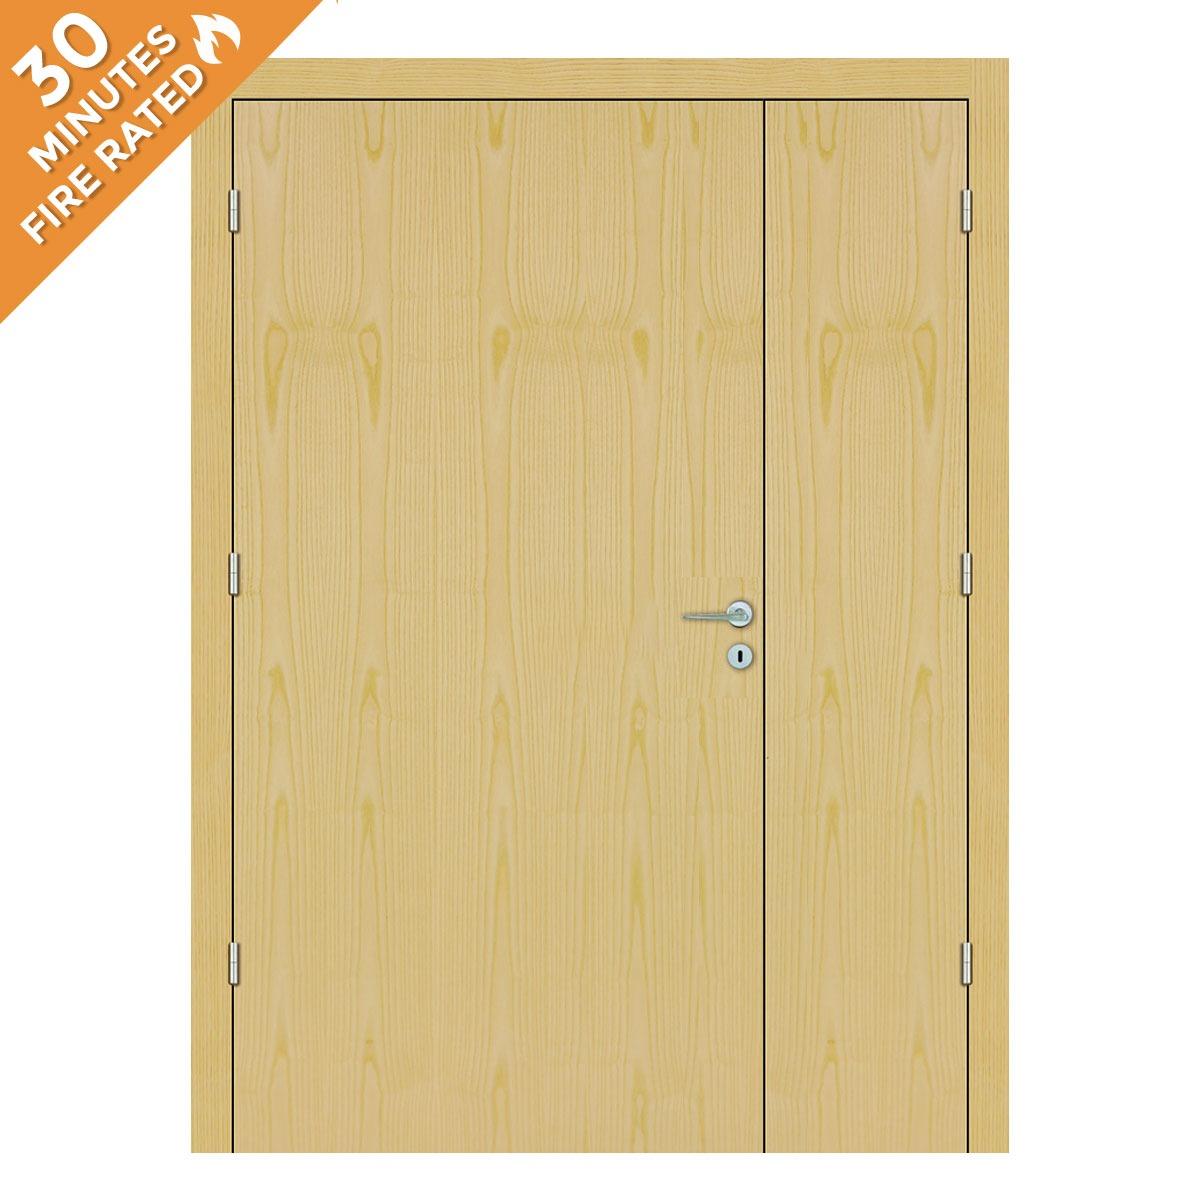 Ash Hospital Door FD30